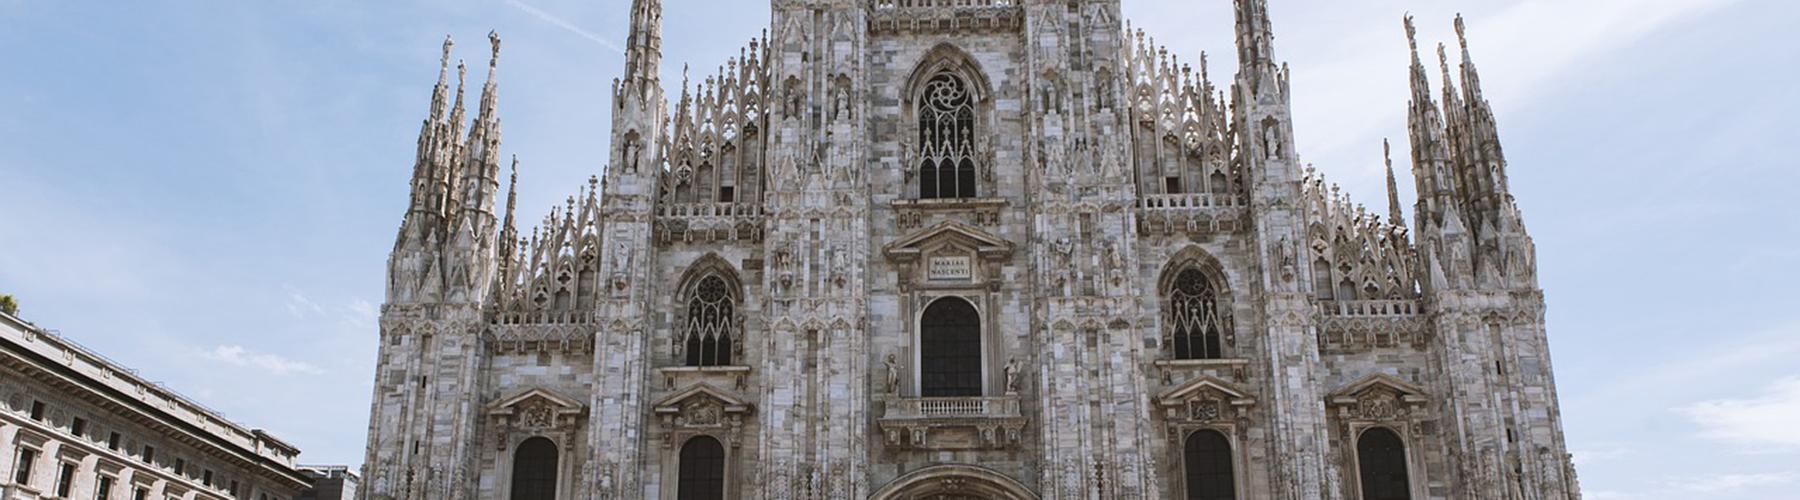 밀라노 - 밀라노 대성당에 가까운 아파트. 밀라노의 지도, 밀라노에 위치한 아파트에 대한 사진 및 리뷰.